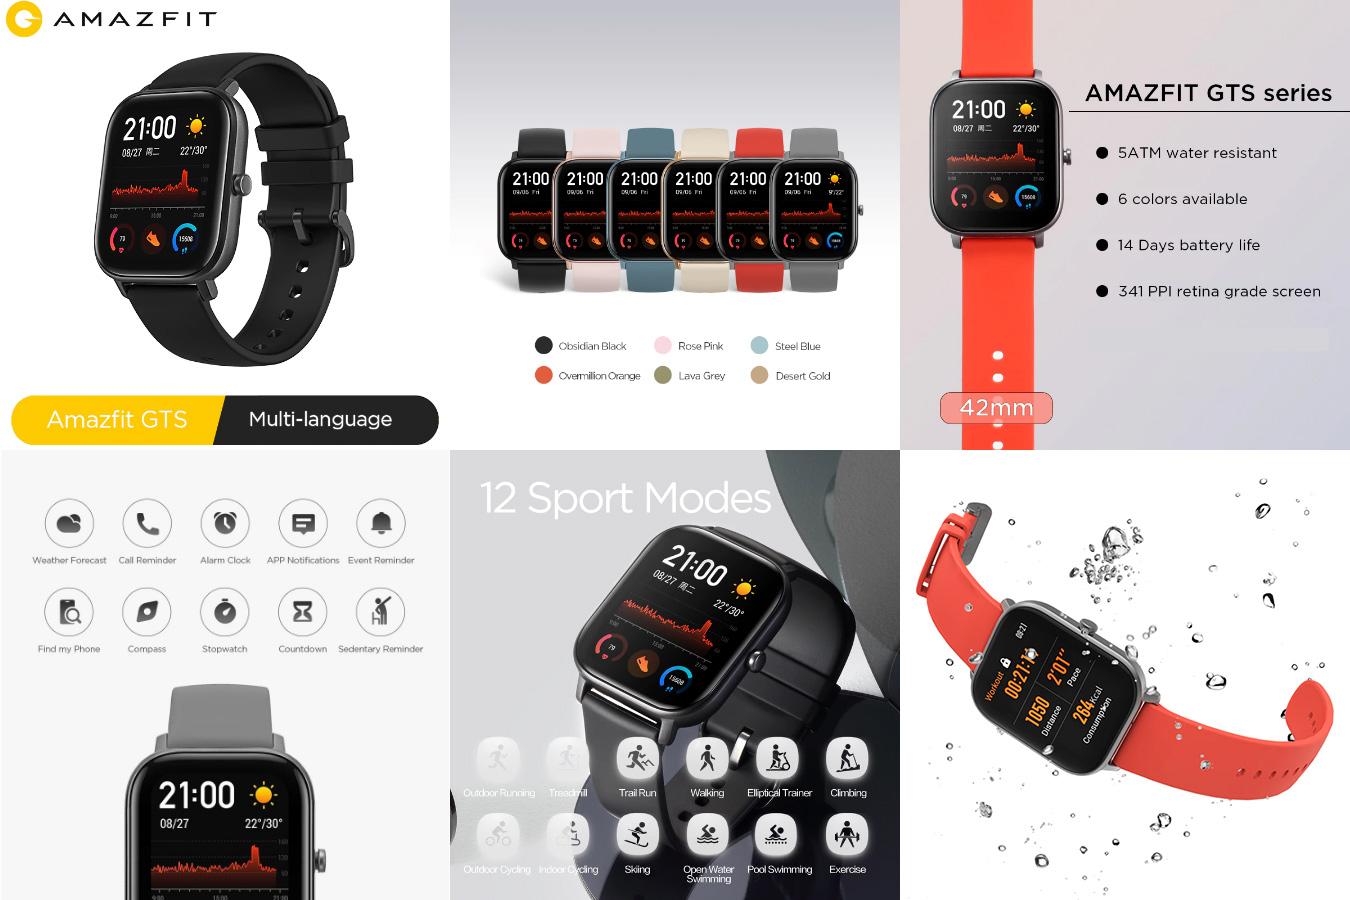 Долго работающие фитнес смарт-часы Amazfit GTS